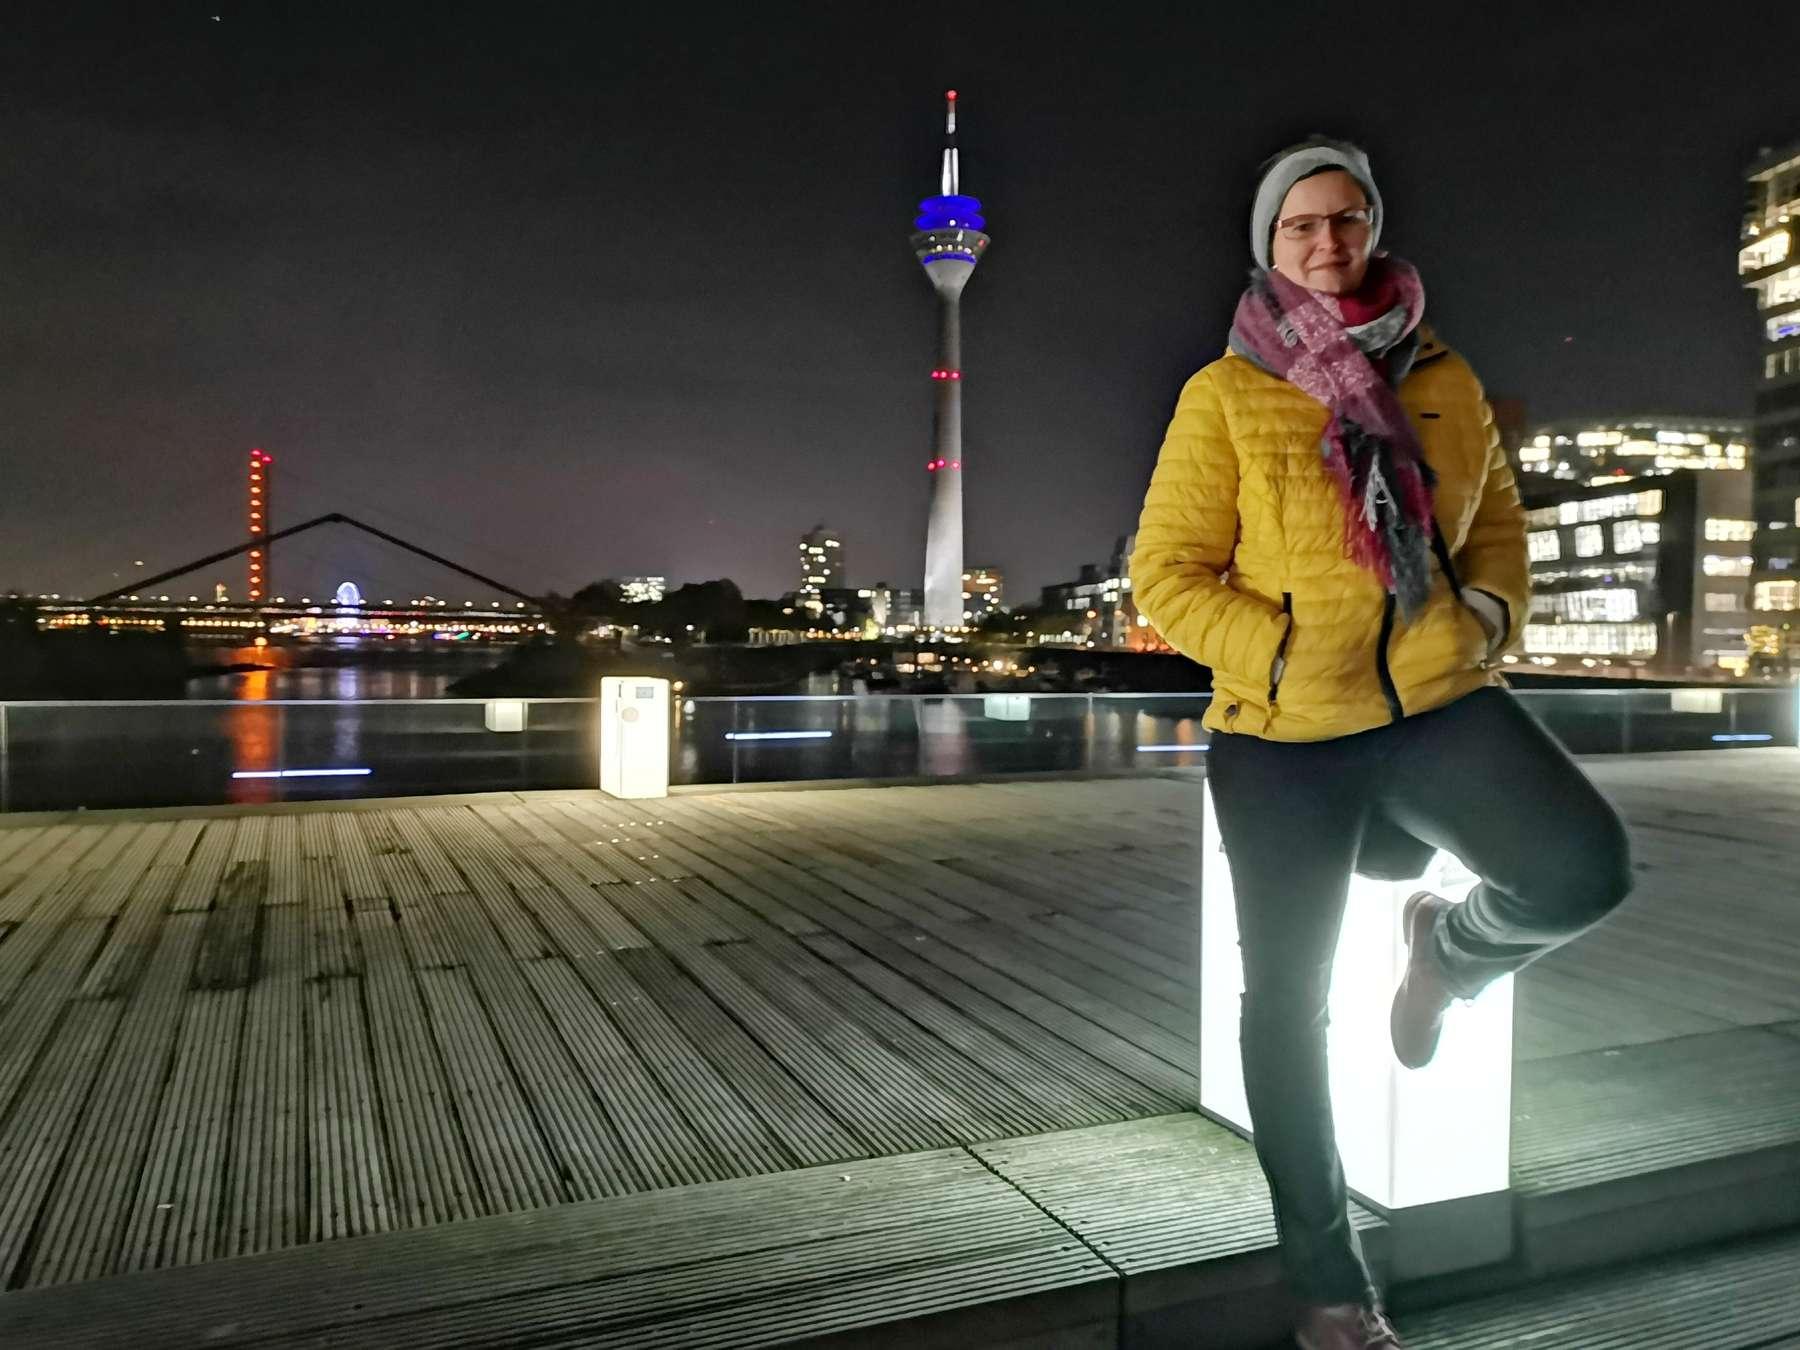 Hübsche Frau bei einem Fotoshooting mit Fotograf Rainer Rössler im abendlichen Düsseldorf auf der Brücke im Medienhafen. Im Hintergrund sind die Lichter der Stadt zu sehen.